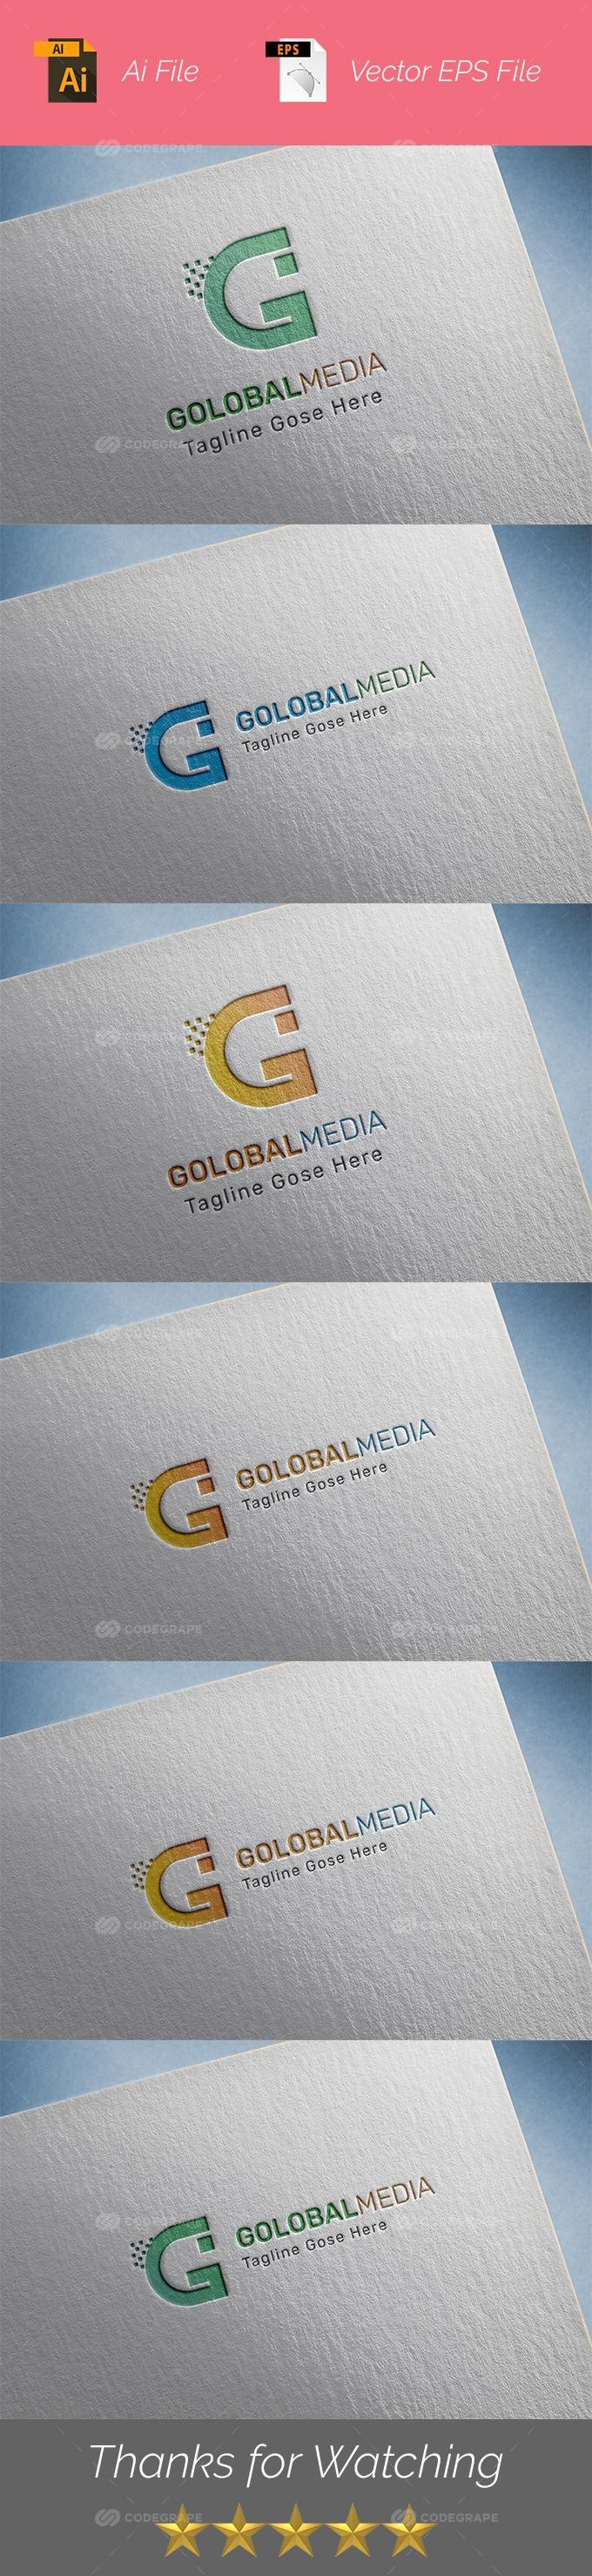 Golobalmedia Logo